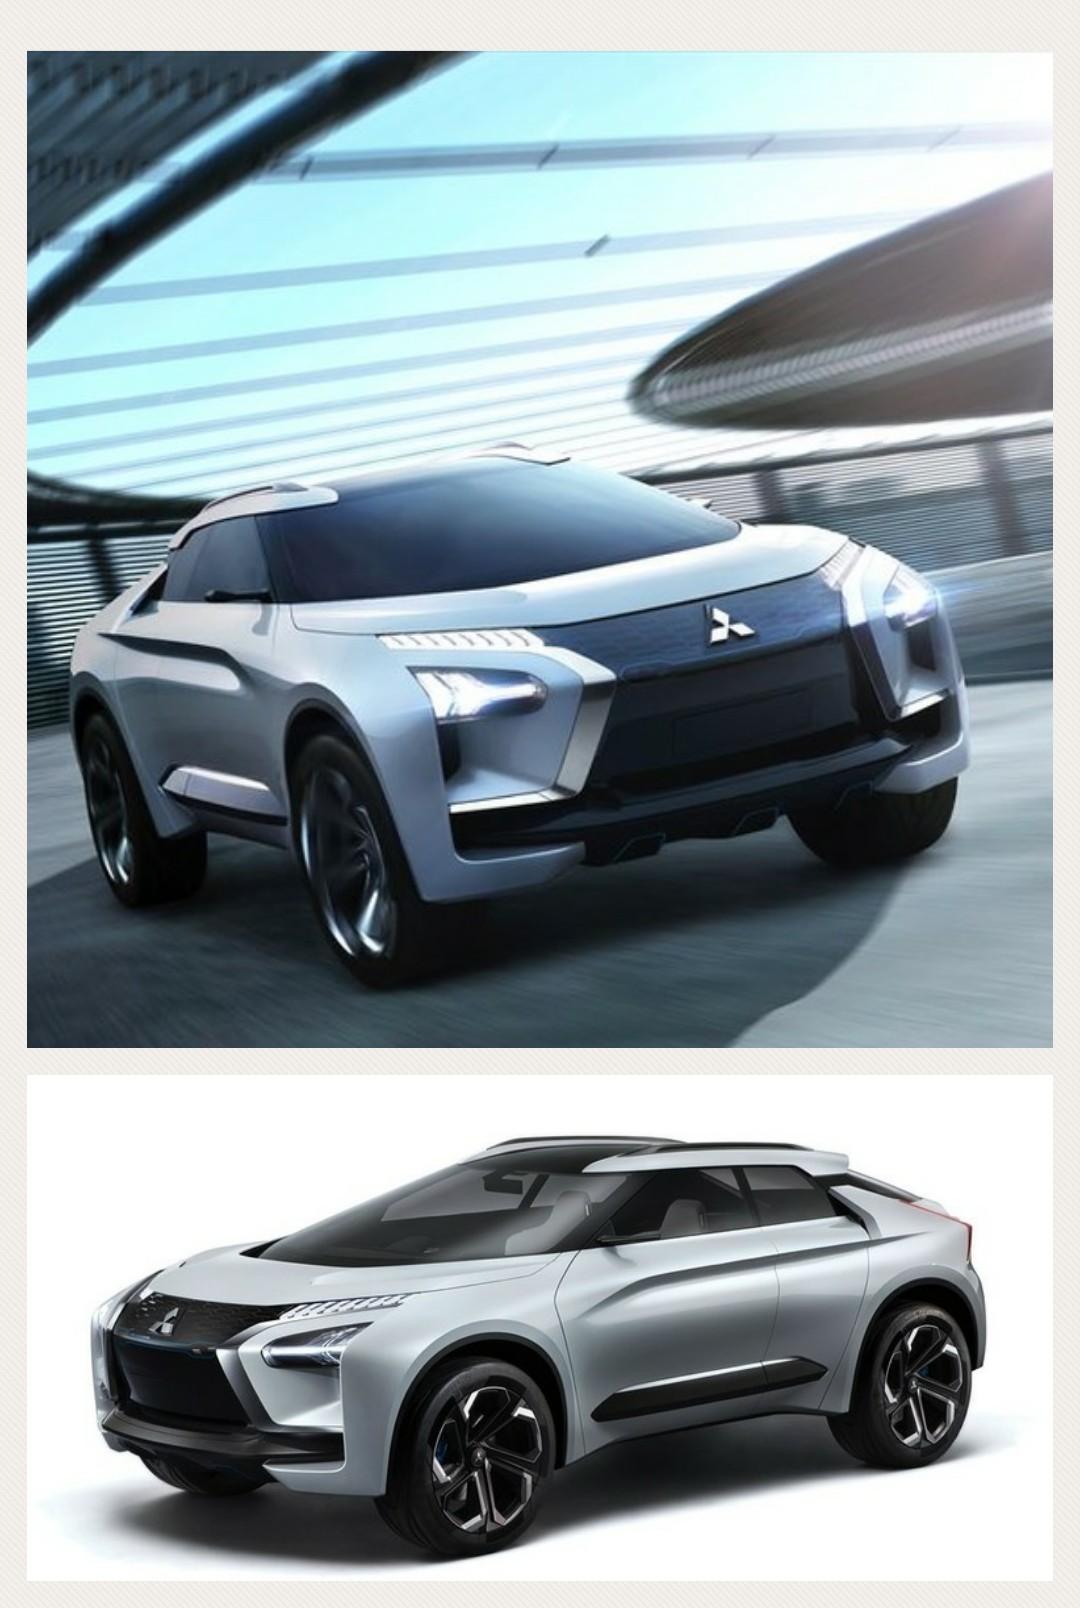 ジュネーブモーターショー2018 三菱 e-evolution consept